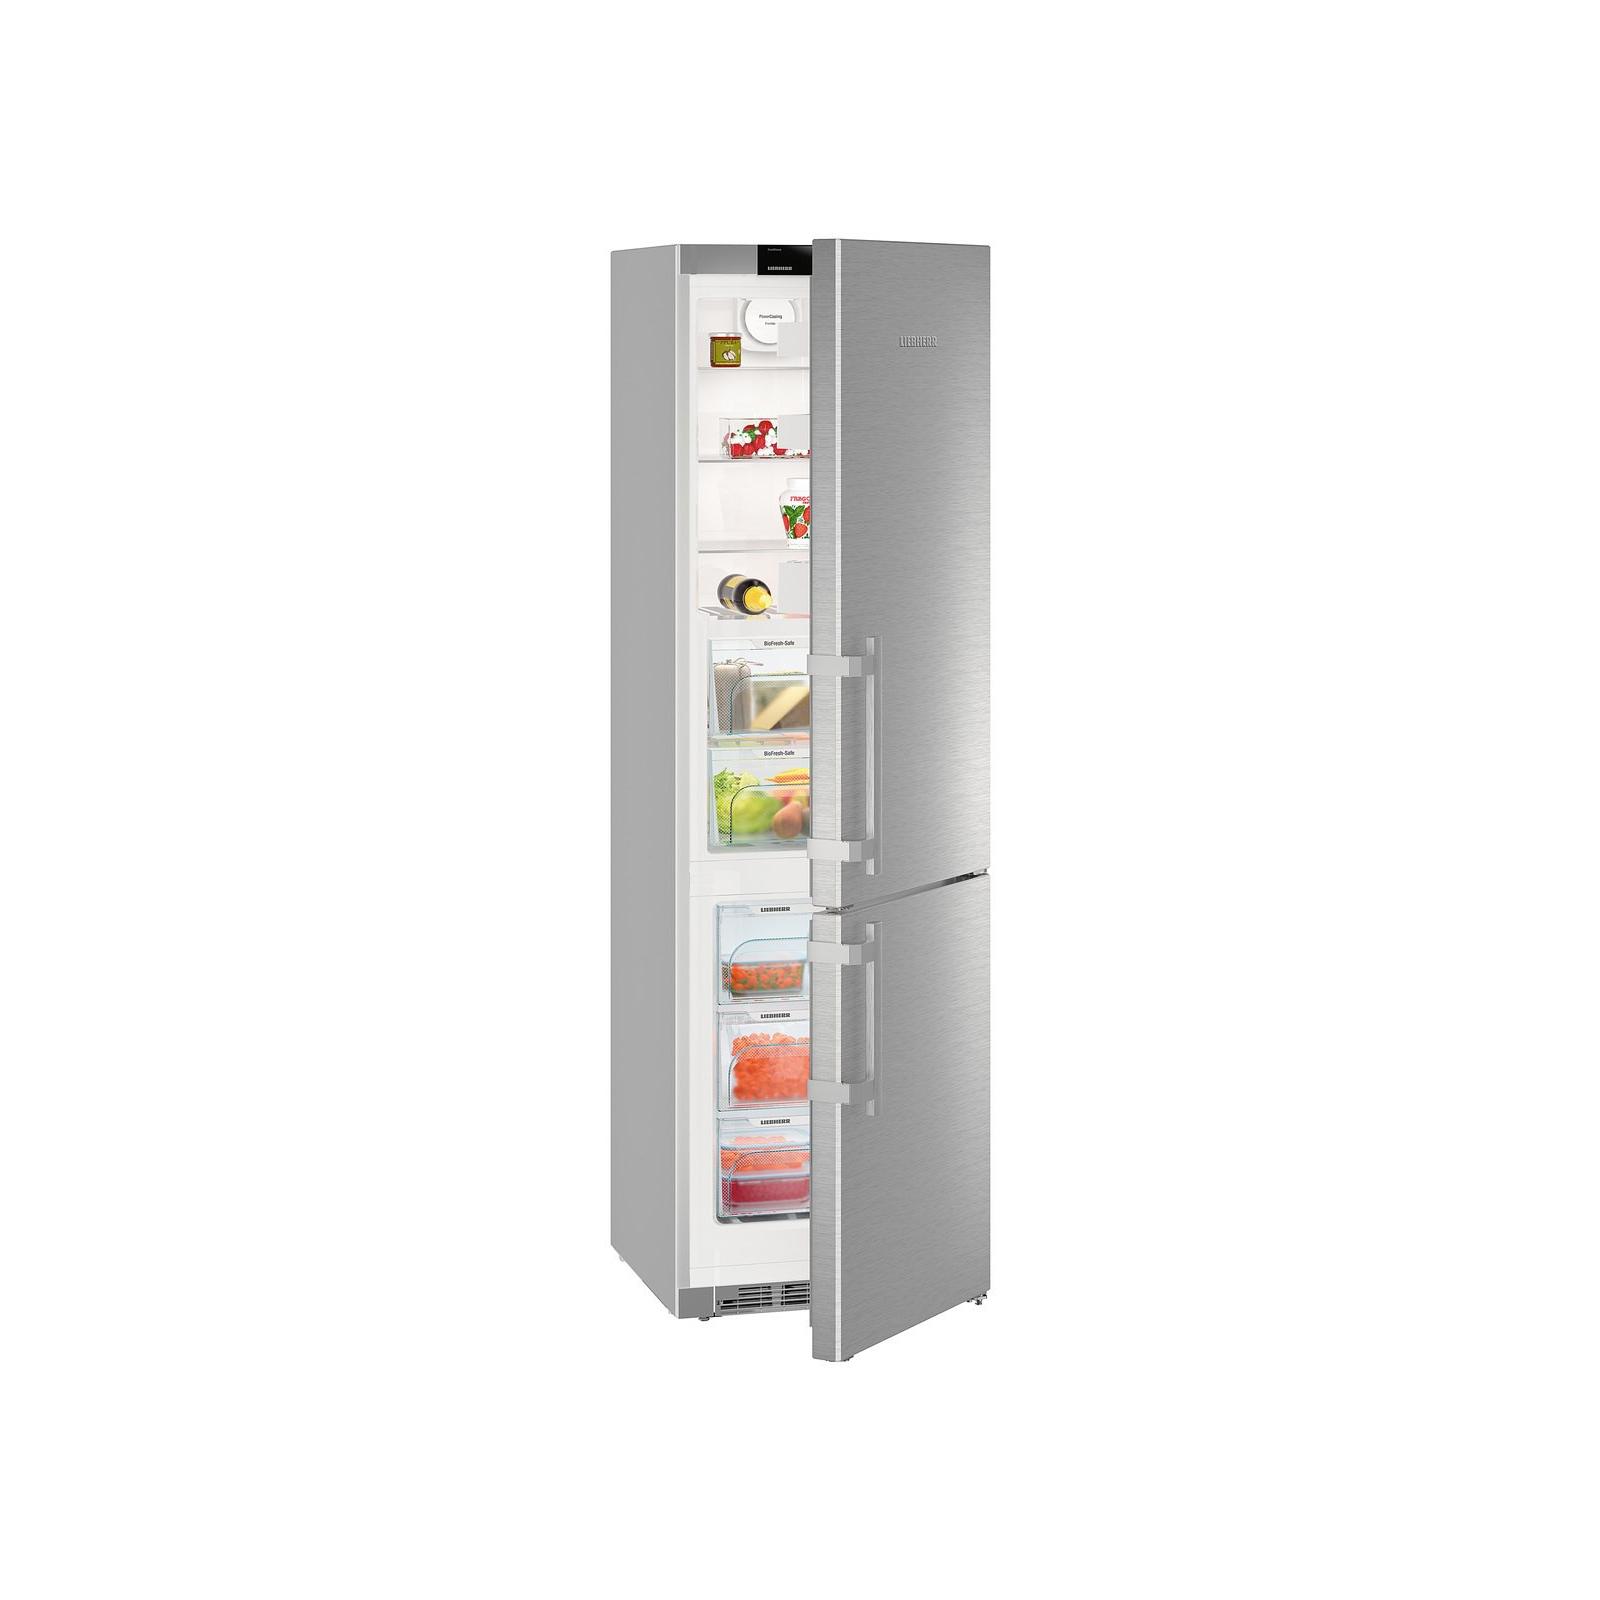 Холодильник Liebherr CBef 4815 изображение 4